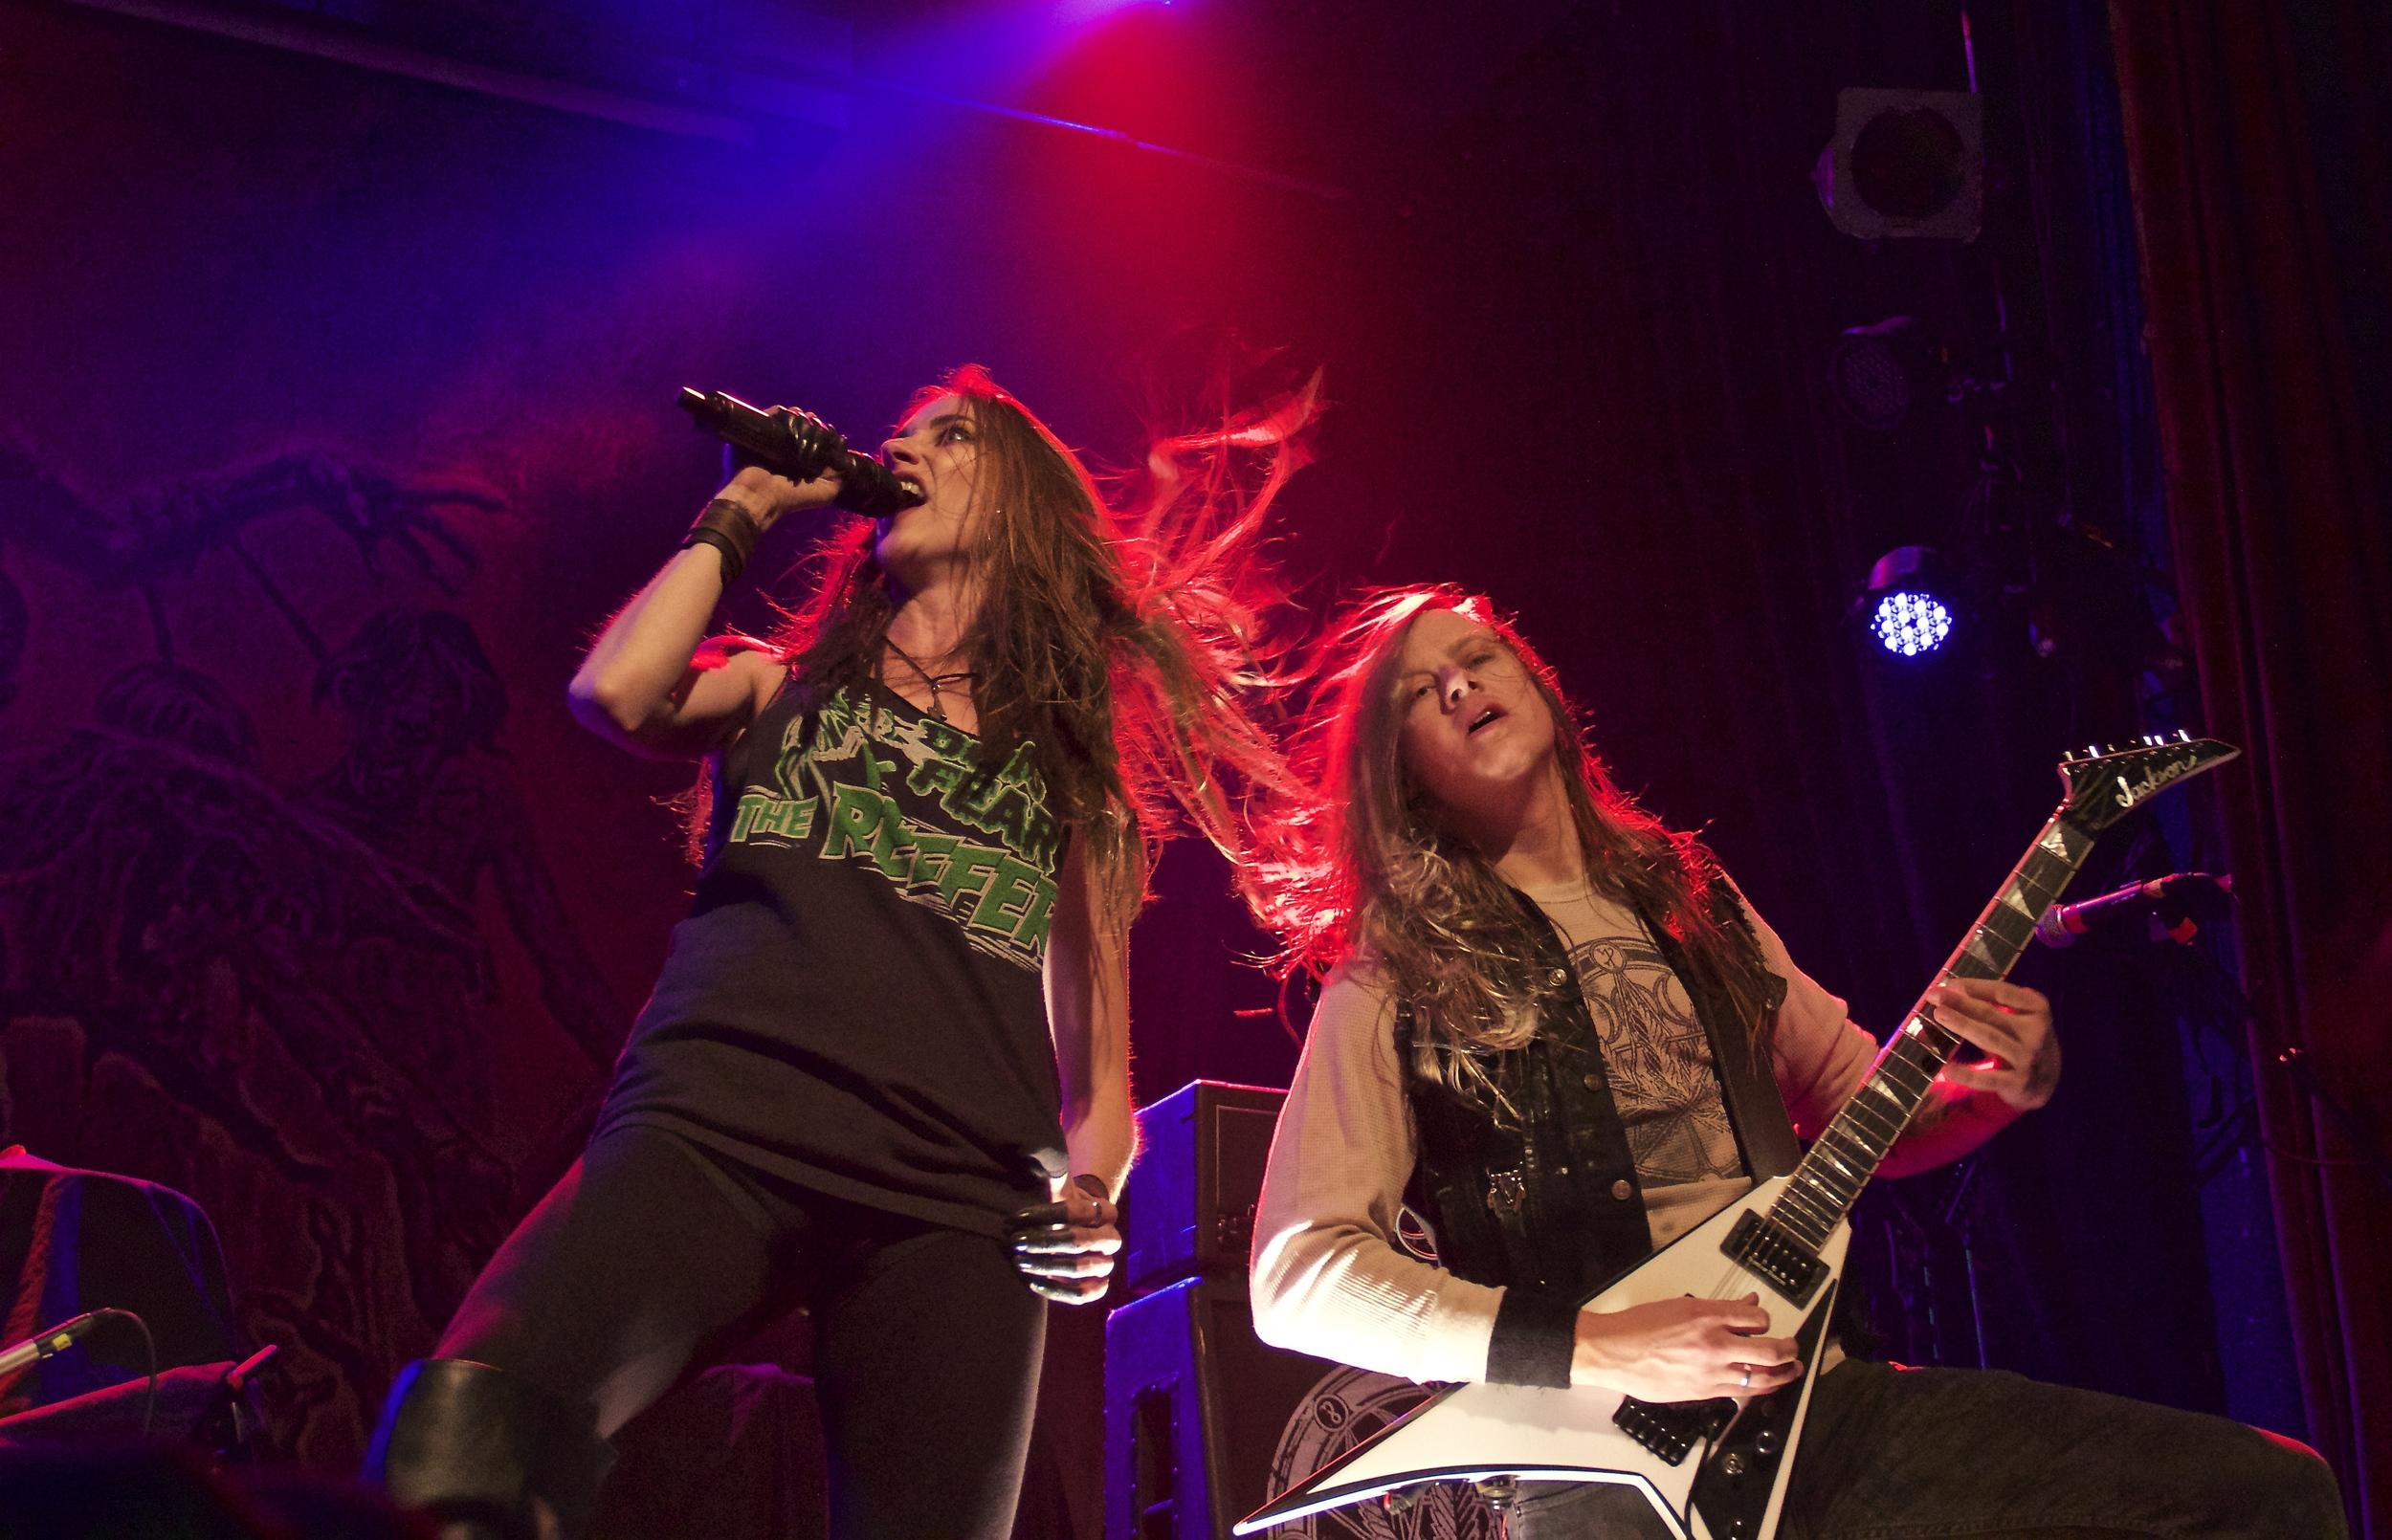 Huntress vocalist Jill Janus photo: David Burke